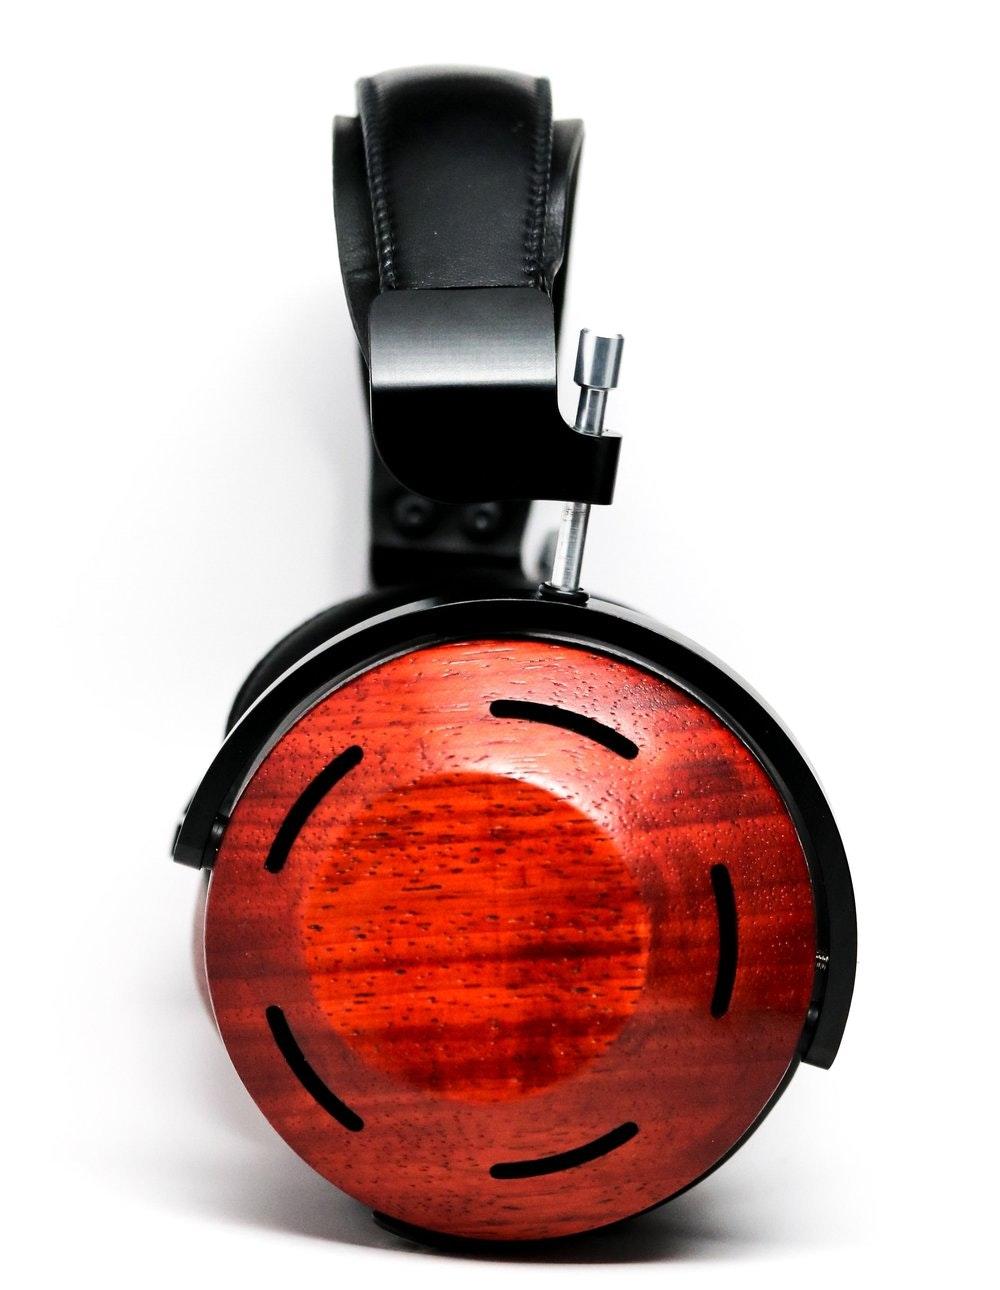 ZMF Eikon — ZMF Headphones